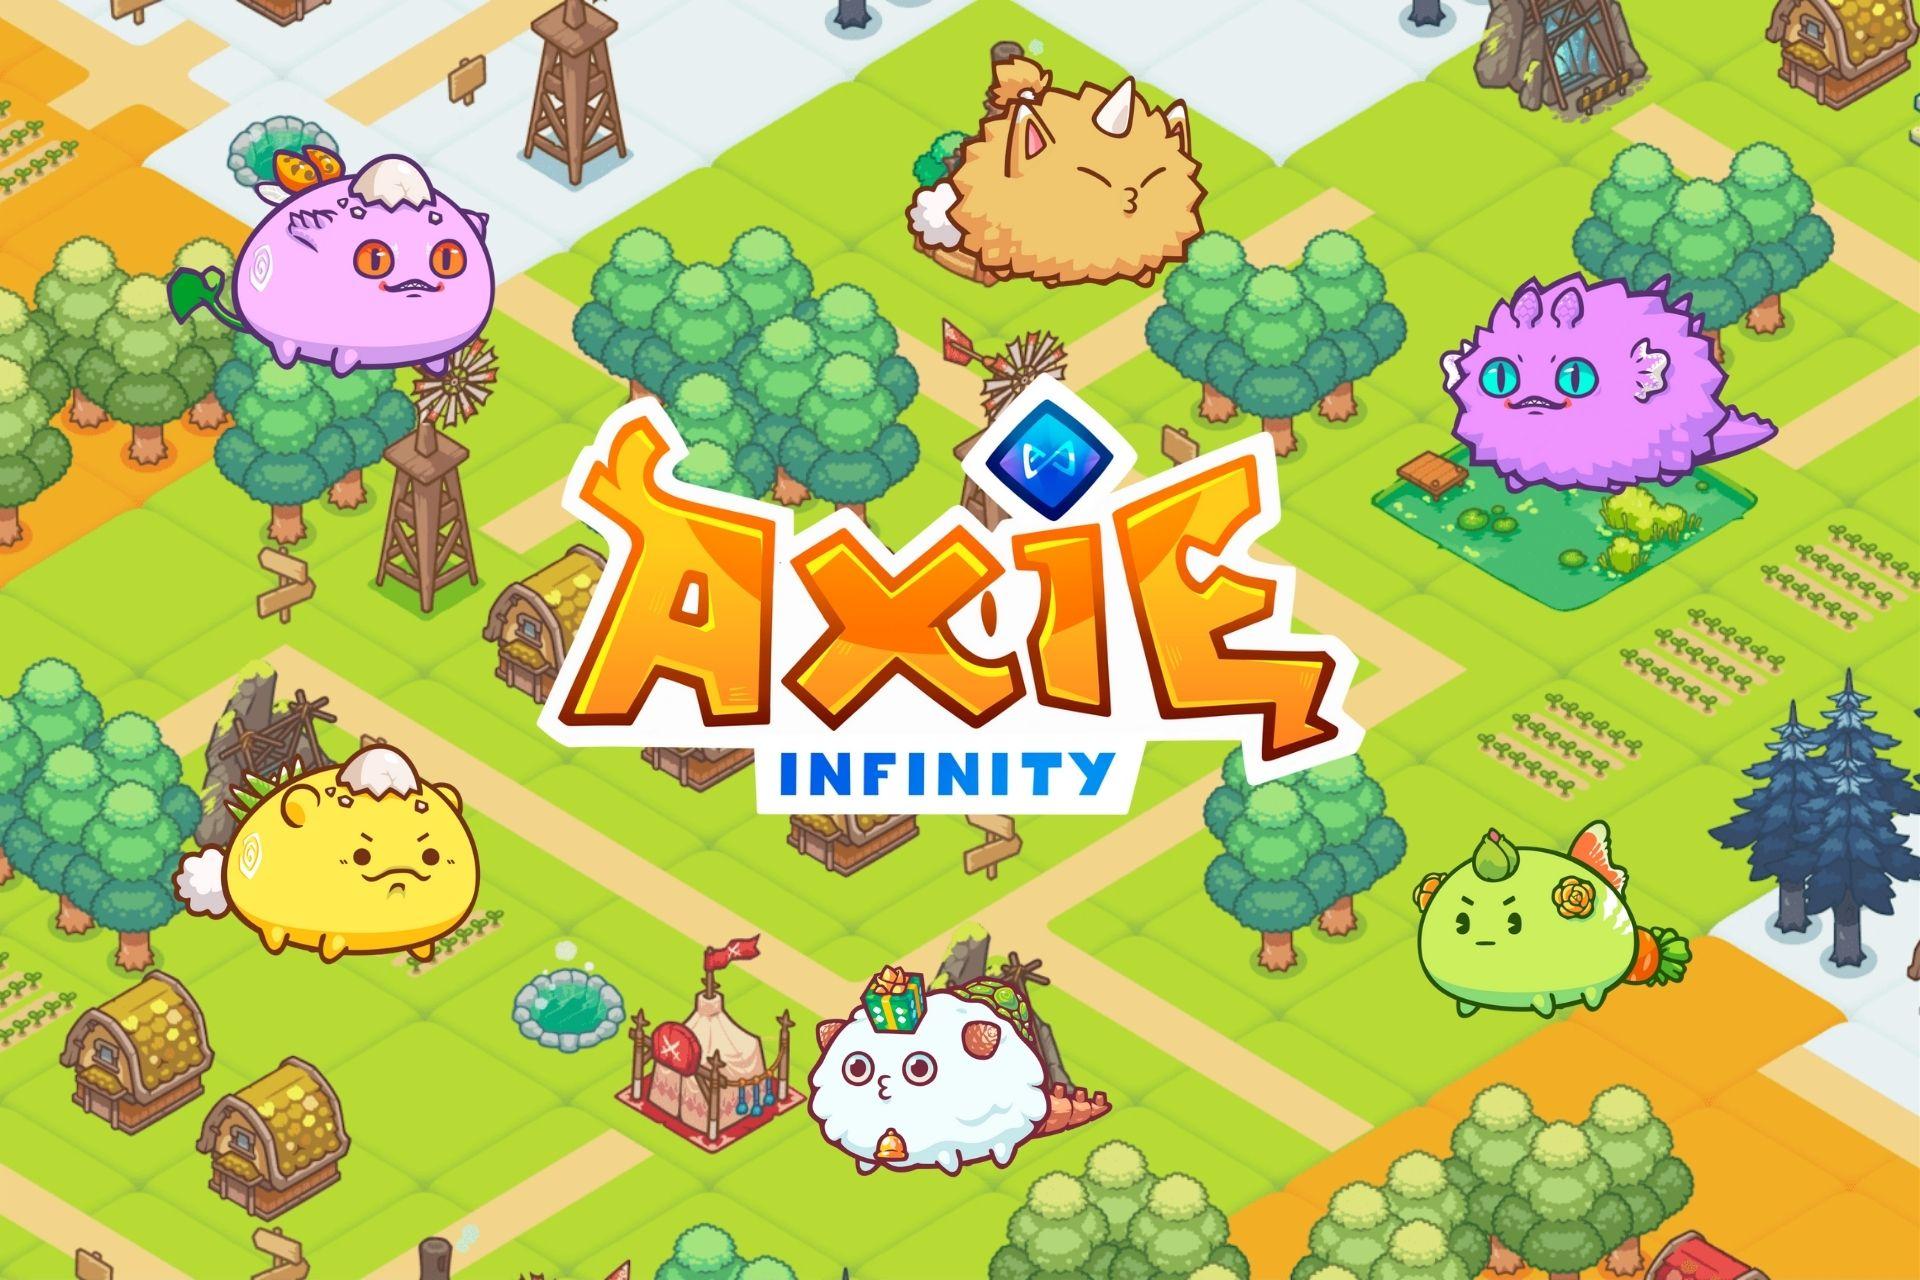 AXS se mantiene estático cuando Axie Infinity supera los 1,5 millones de usuarios al día